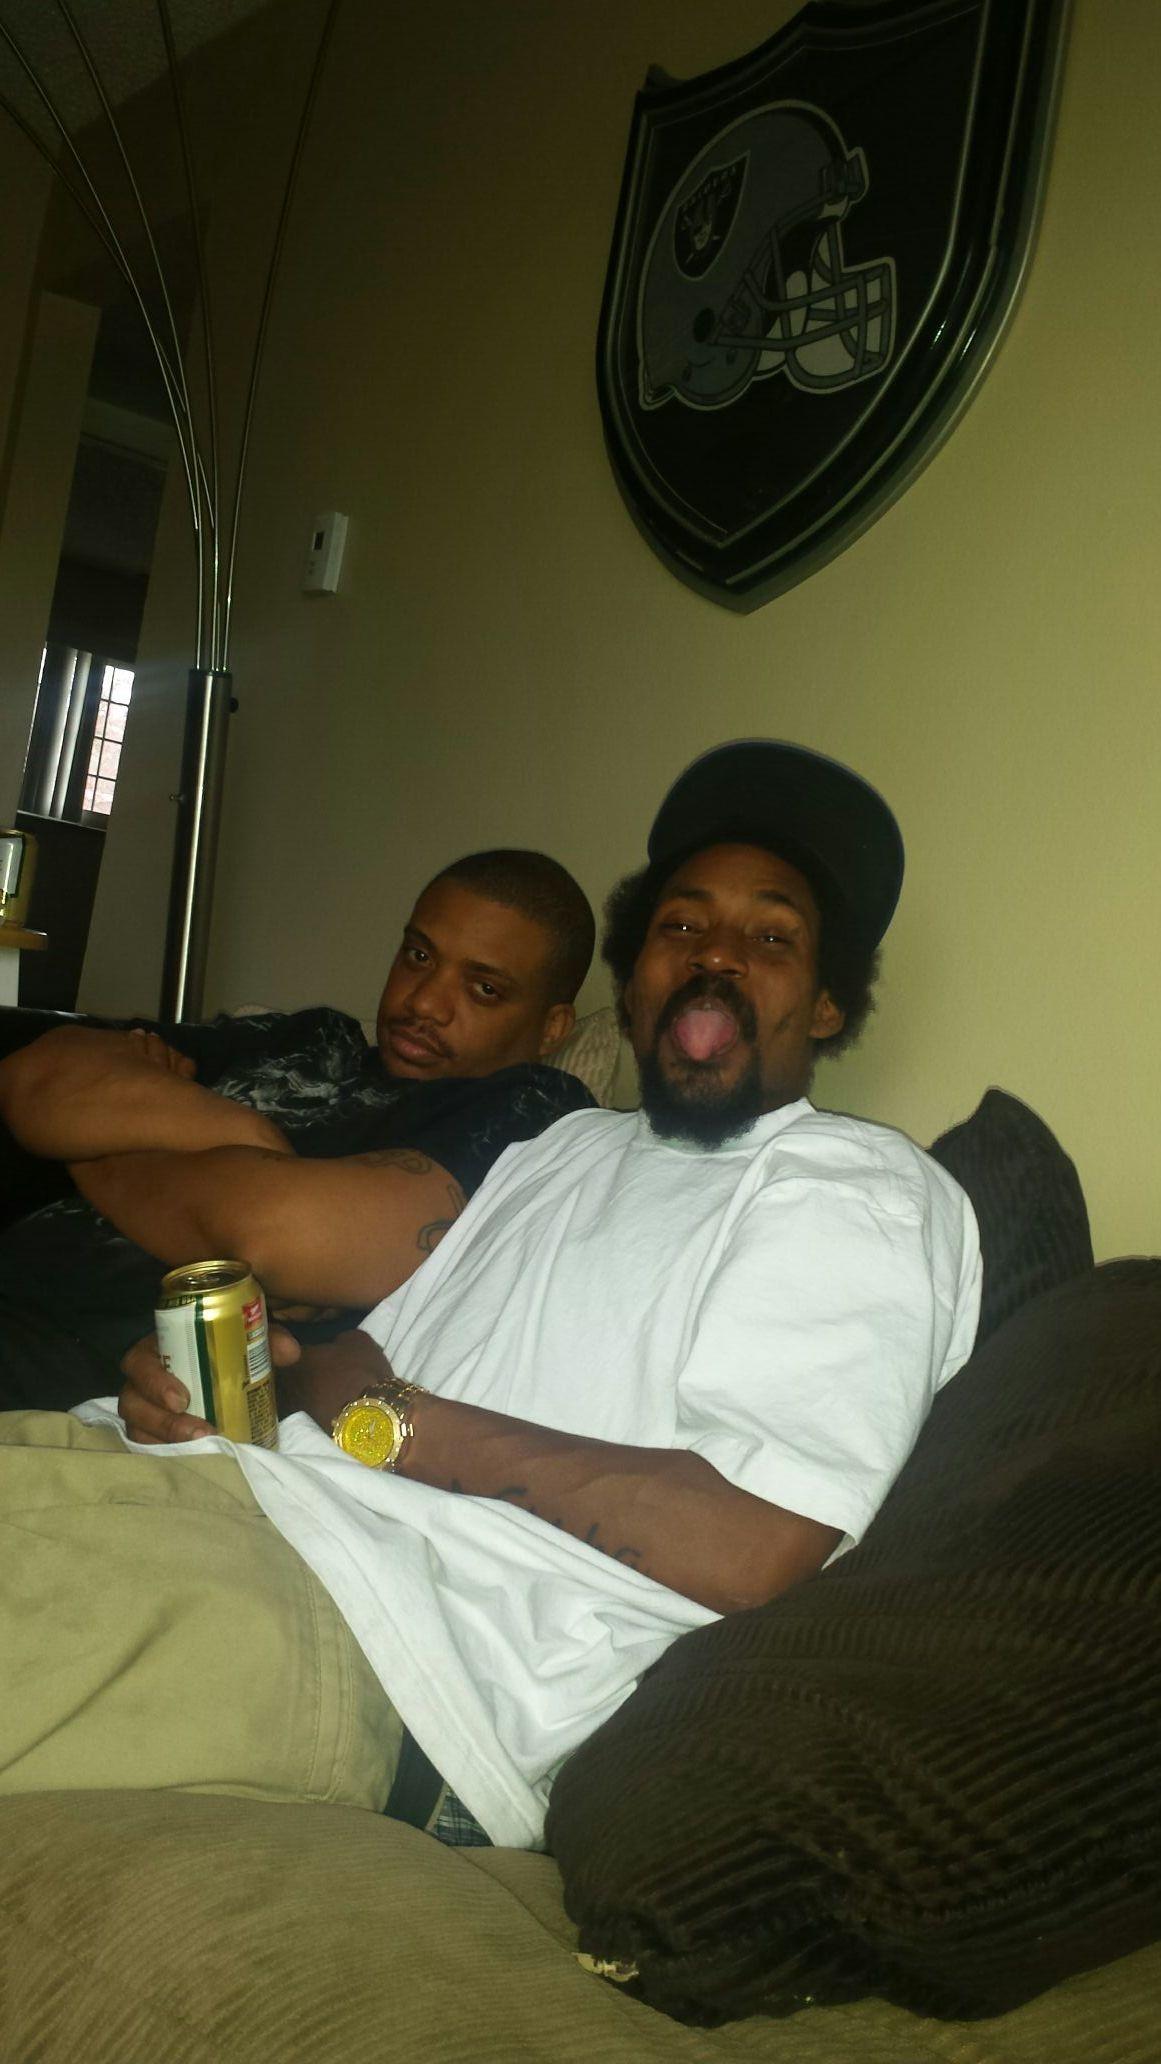 Me and B